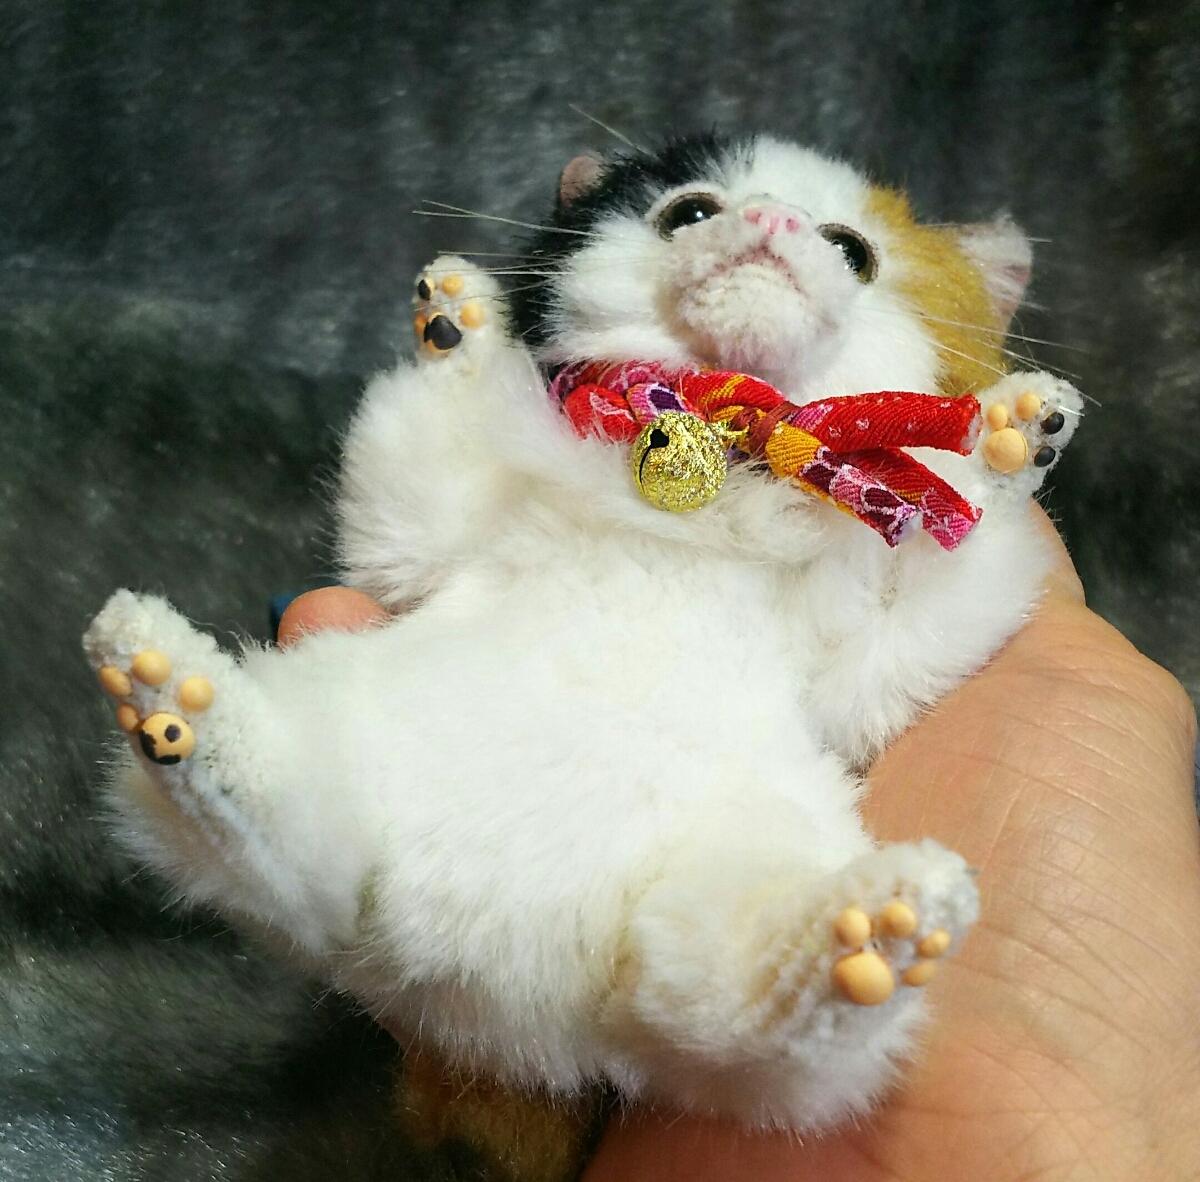 佐藤真也(自作品)チビ三毛猫仔猫、ハンドメイド、手作り、初出品_画像6